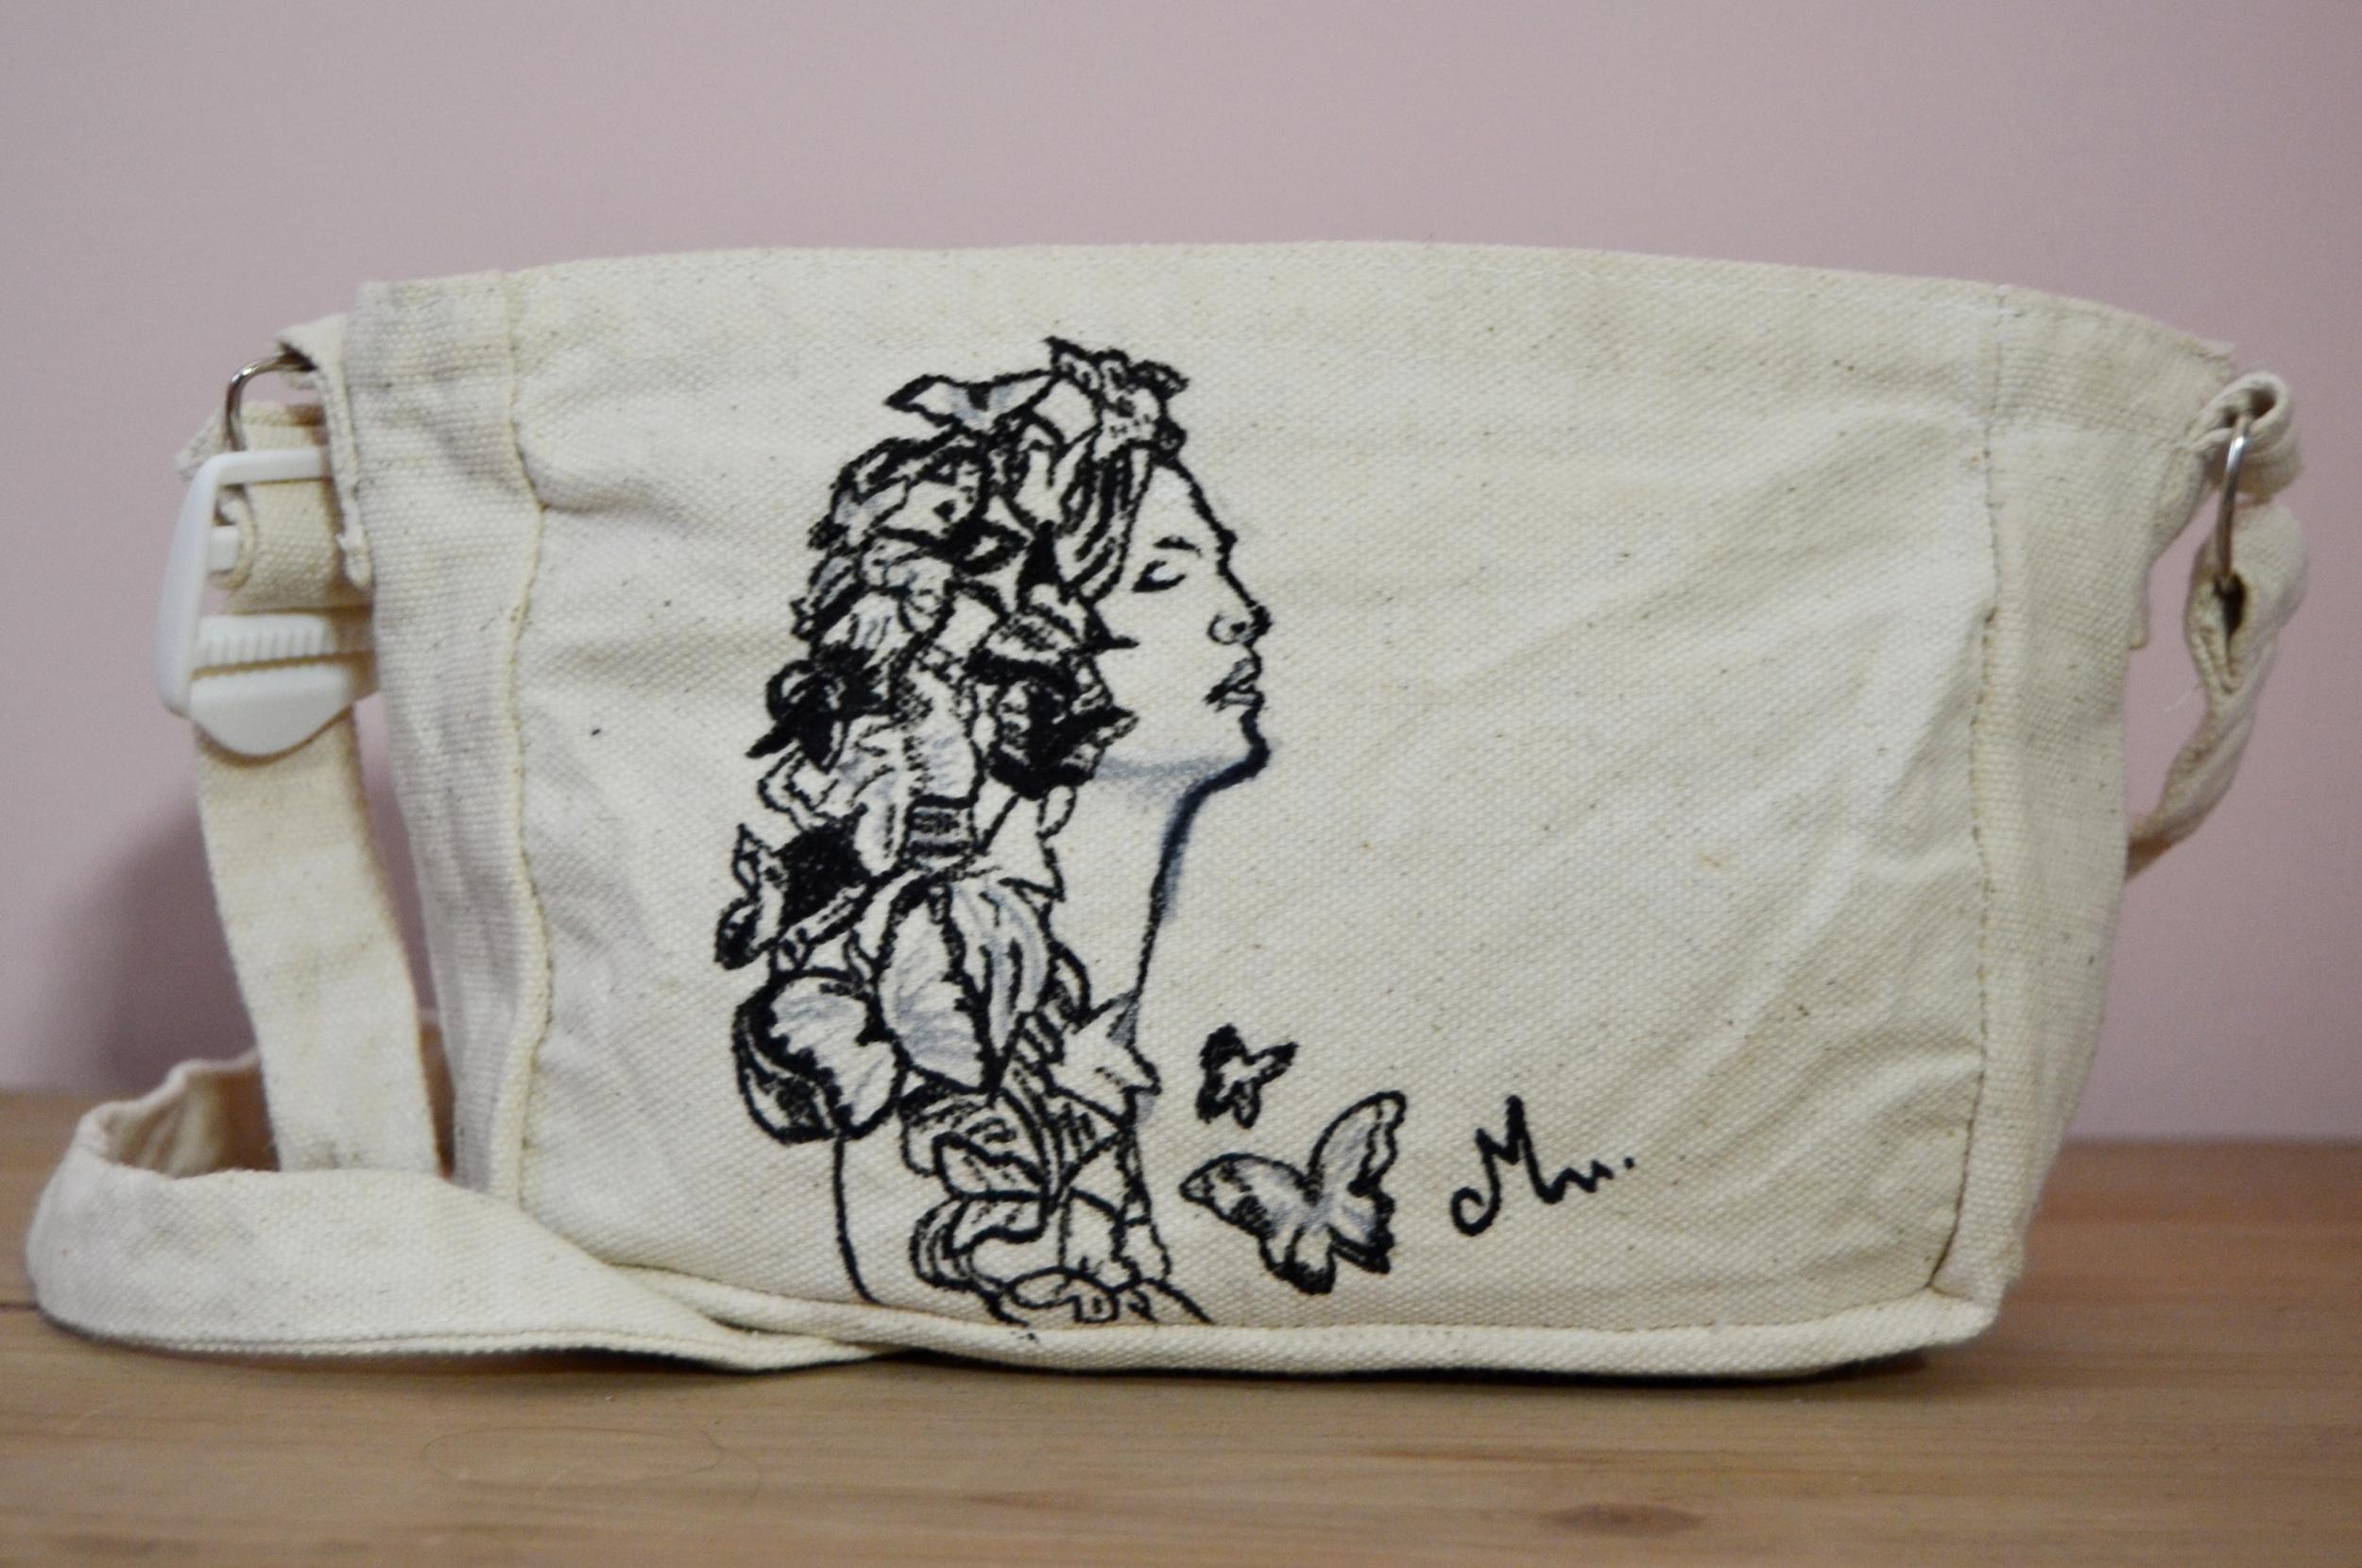 sac à main femme coton toile peint main artiste